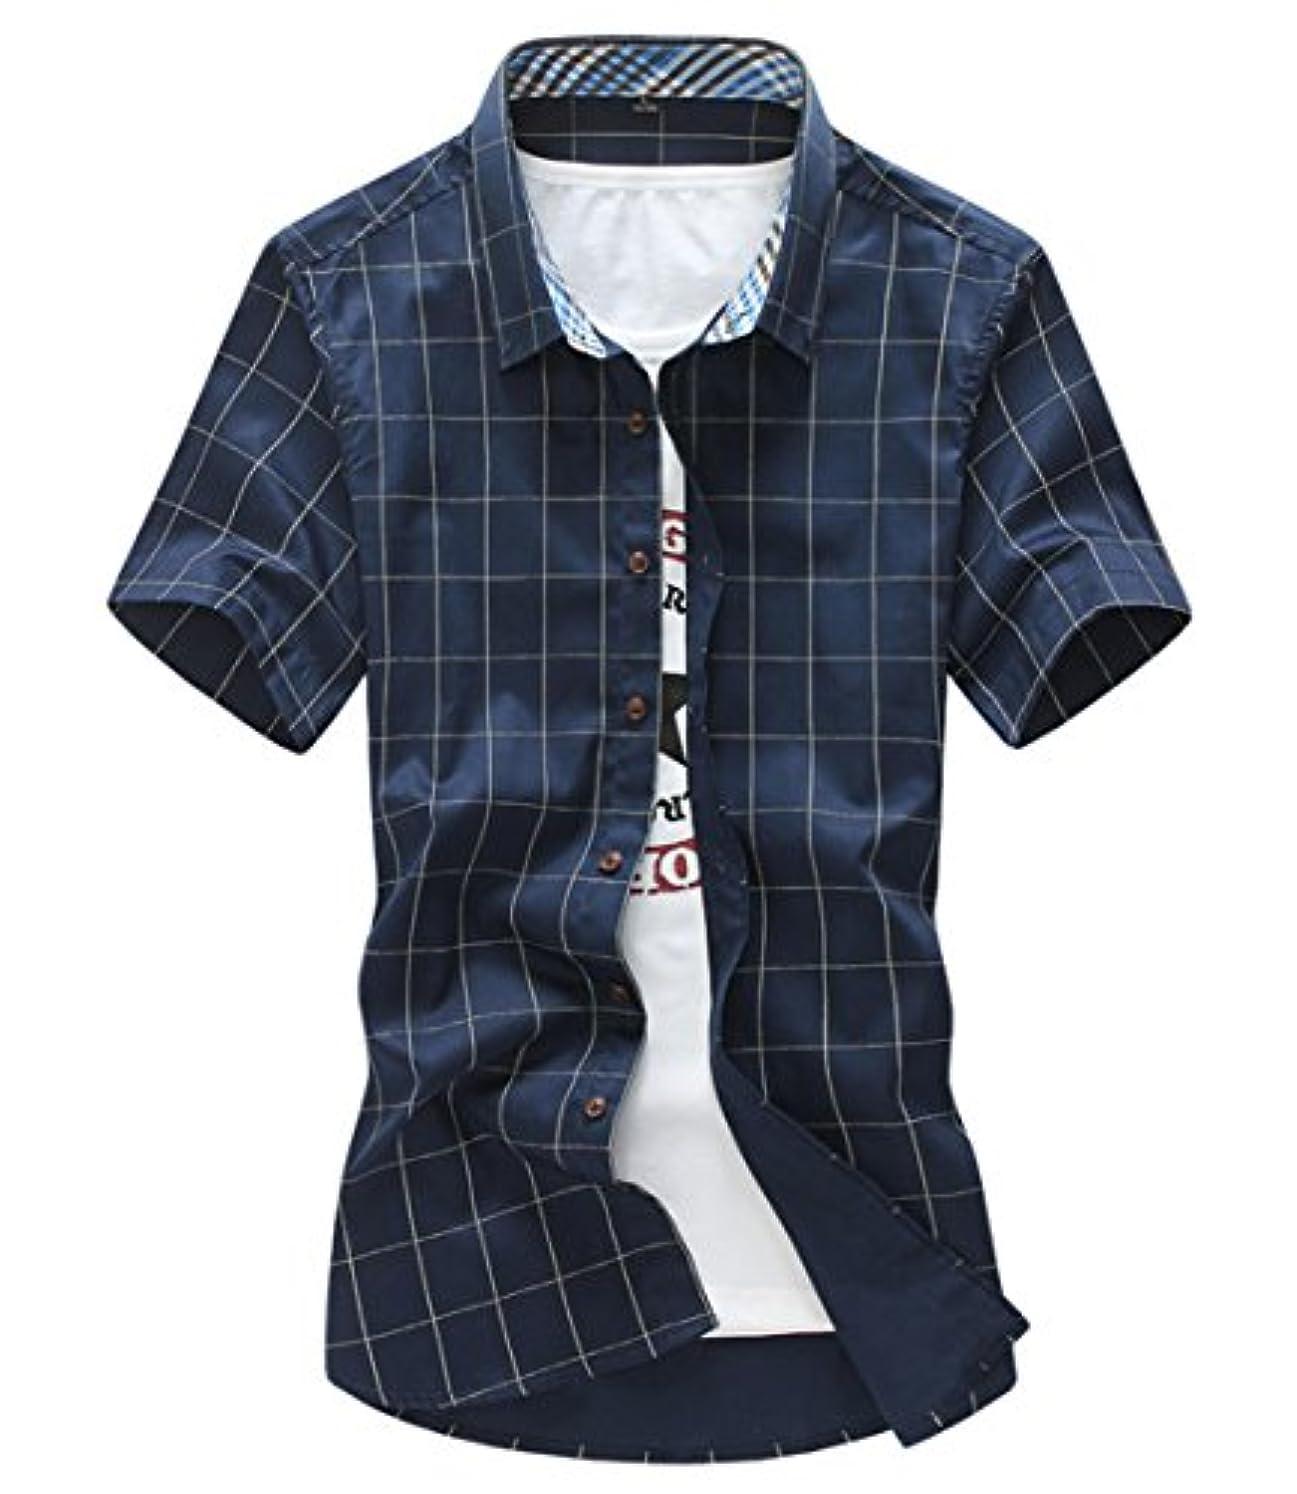 何か黒人指導する[スゴフィ]SGFY  メンズ ポロシャツ チェック柄 カジュアル シャツ ゴルフ ウェア (2XL, ネイビー)